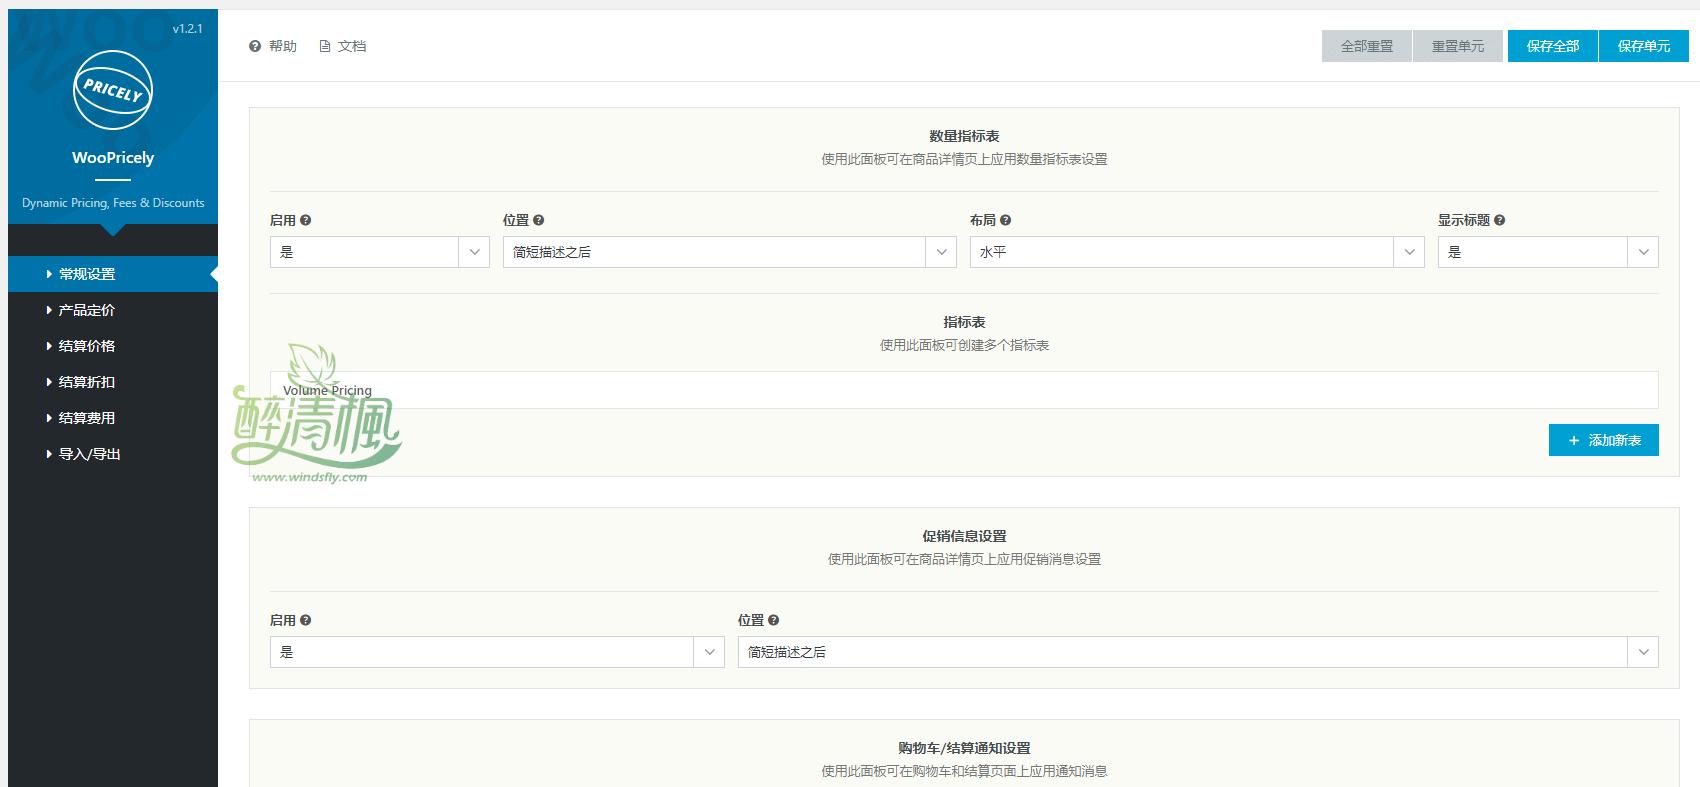 Woocommerce折扣插件 - WooPricely(汉化)[更新至v1.3.2] WooCommerce插件 第2张